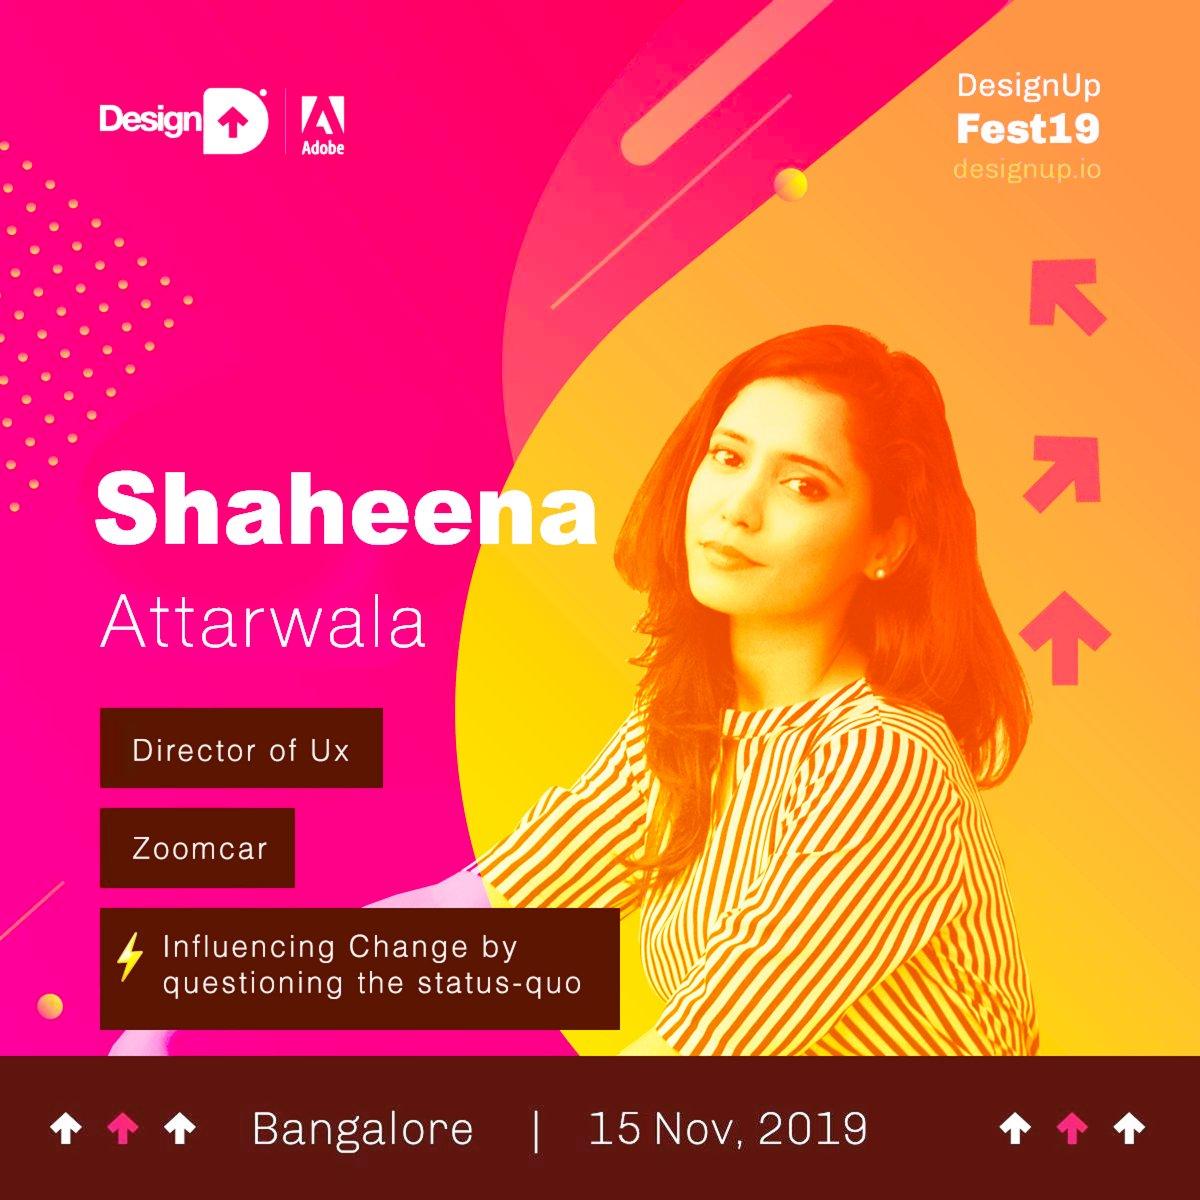 Shaheena Attarwala شاہینہ on Twitter: